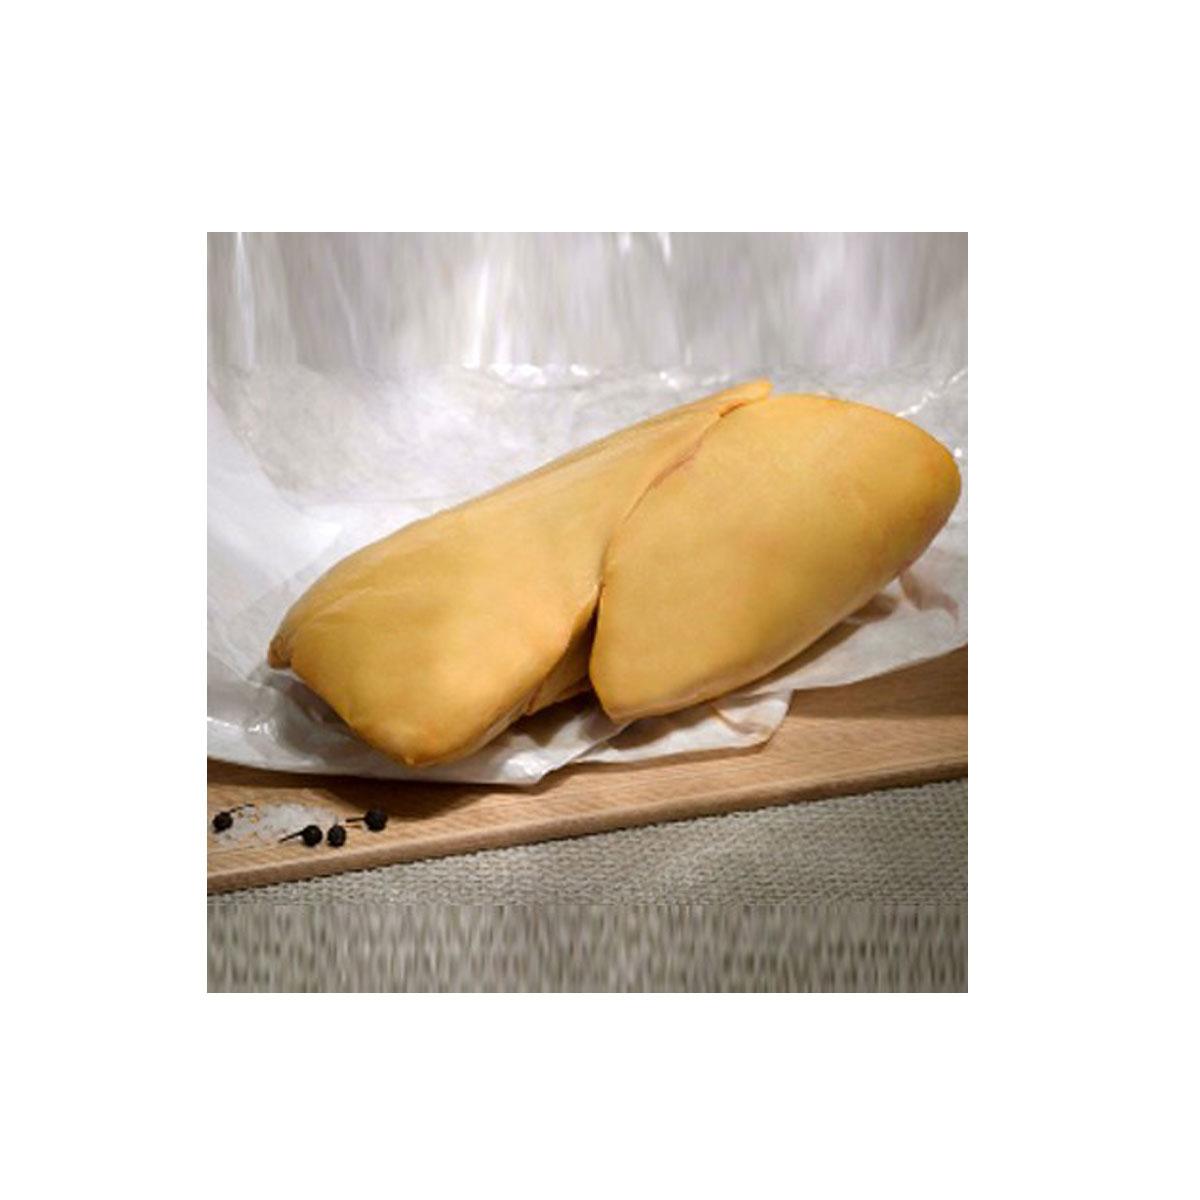 Foie gras, Extra, fresco, sin desvenar